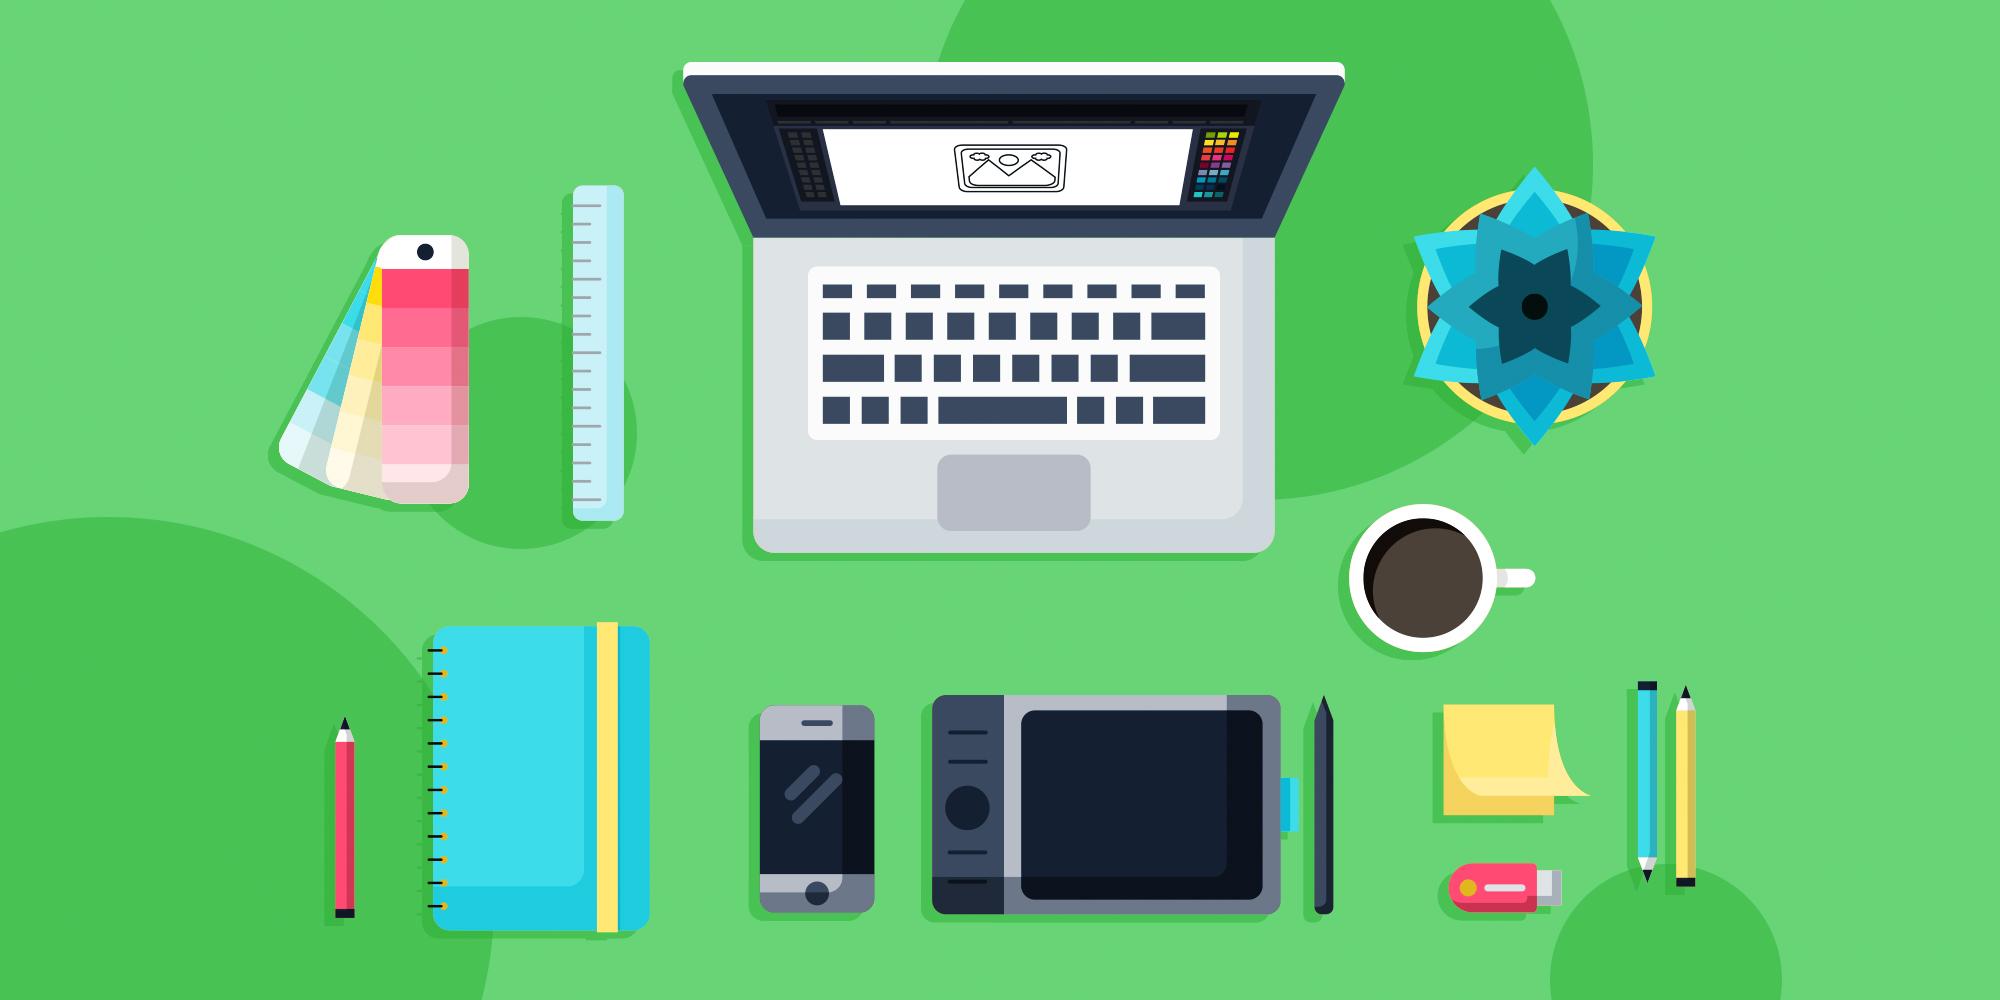 ابزارهای گرافیکی دیجیتال مارکترها